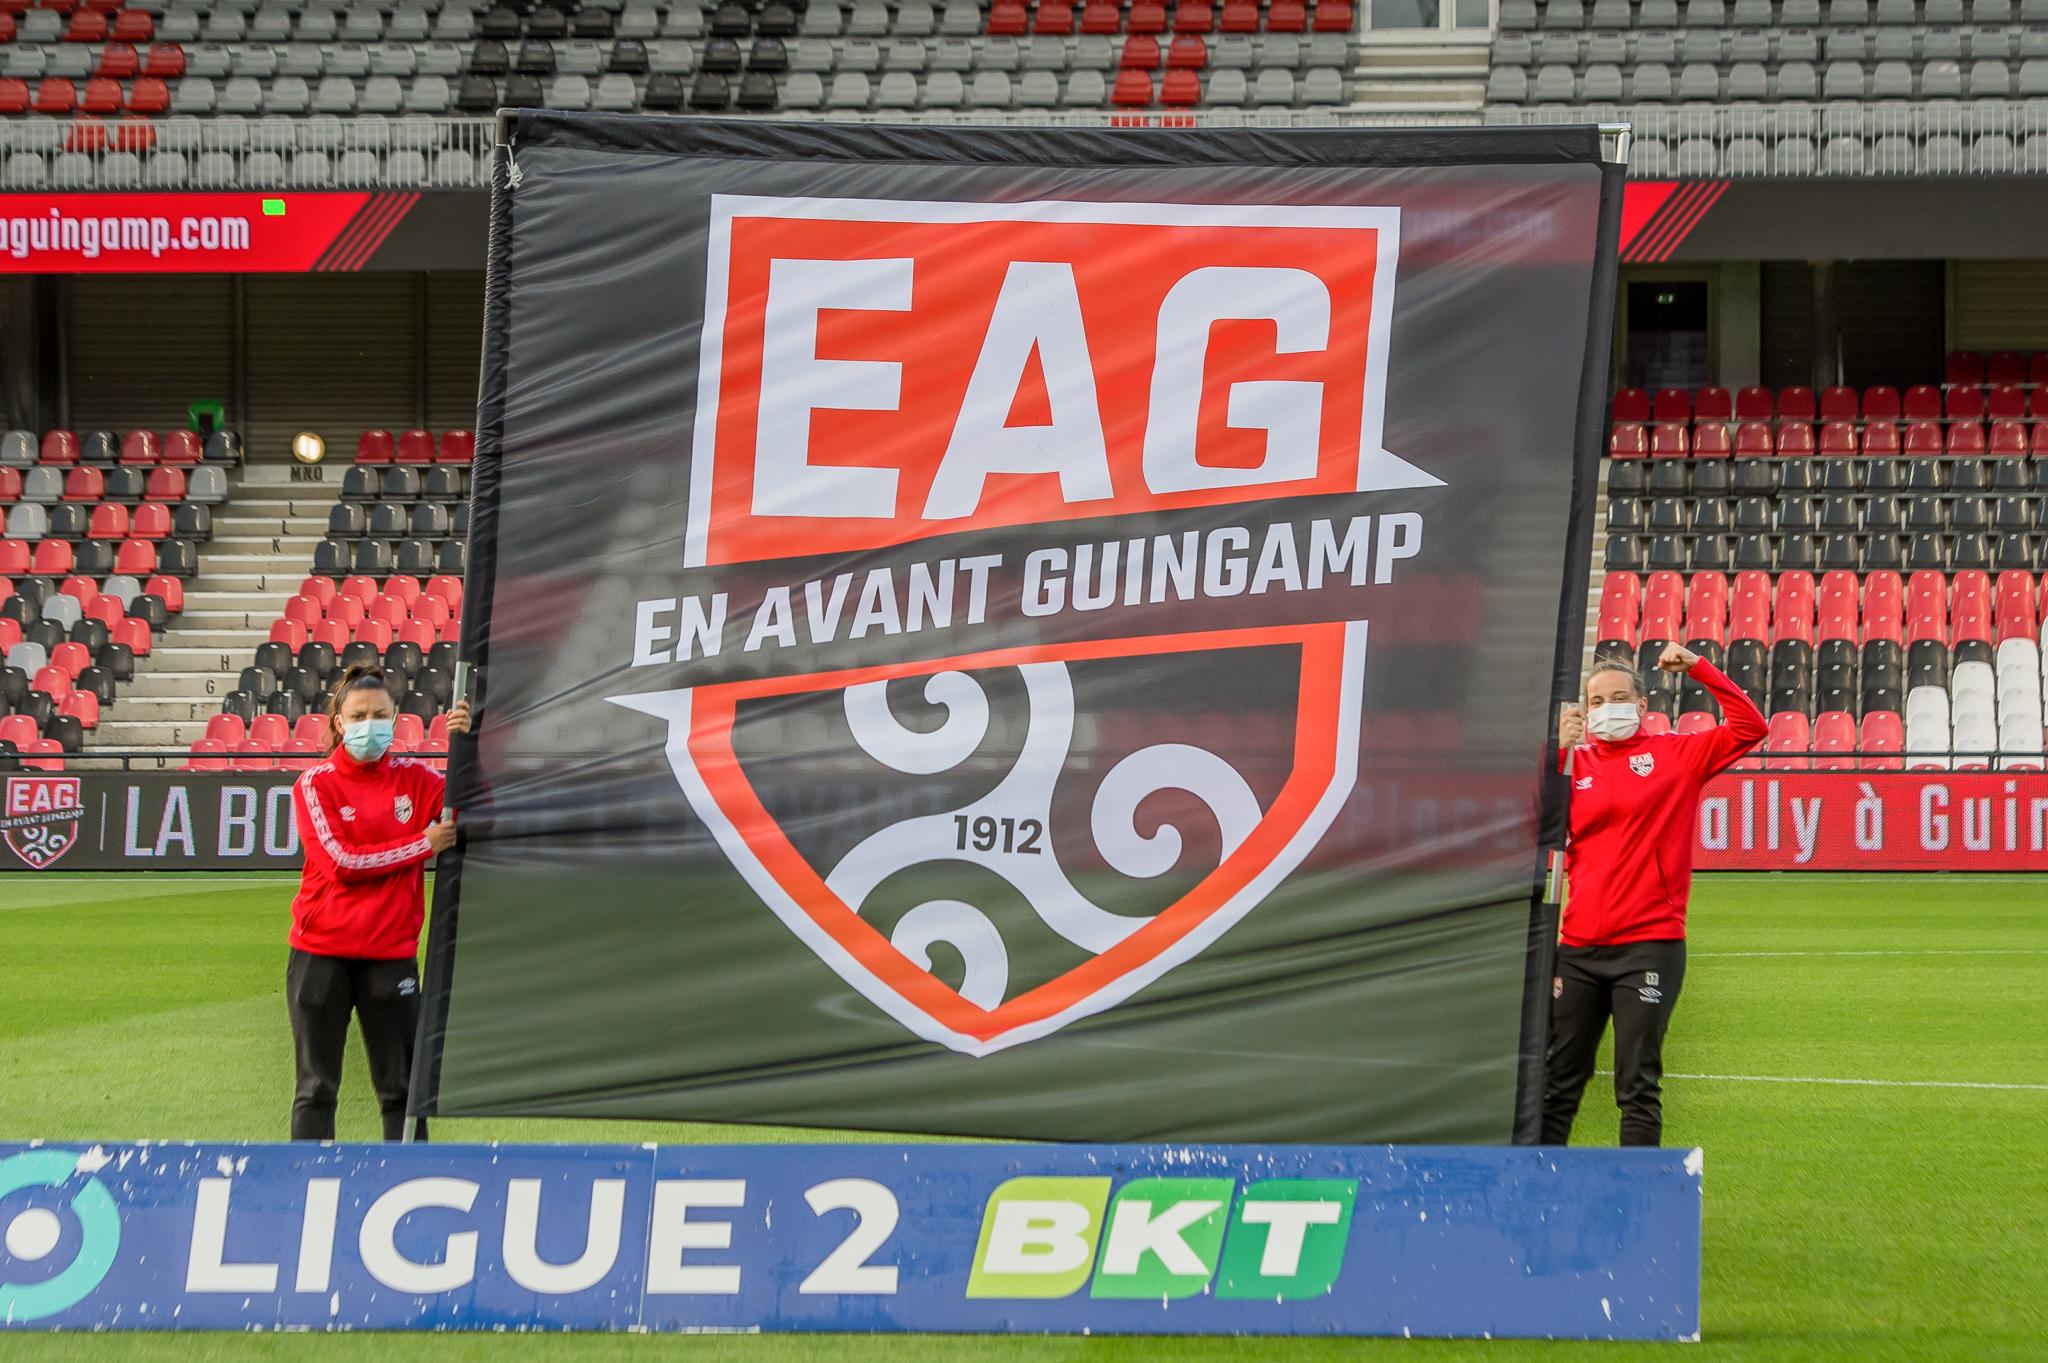 EA Guingamp La Berrichonne Châteauroux J37 Ligue 2 BKT EAGLBC 2-0 Stade de Roudourou FRA_5374